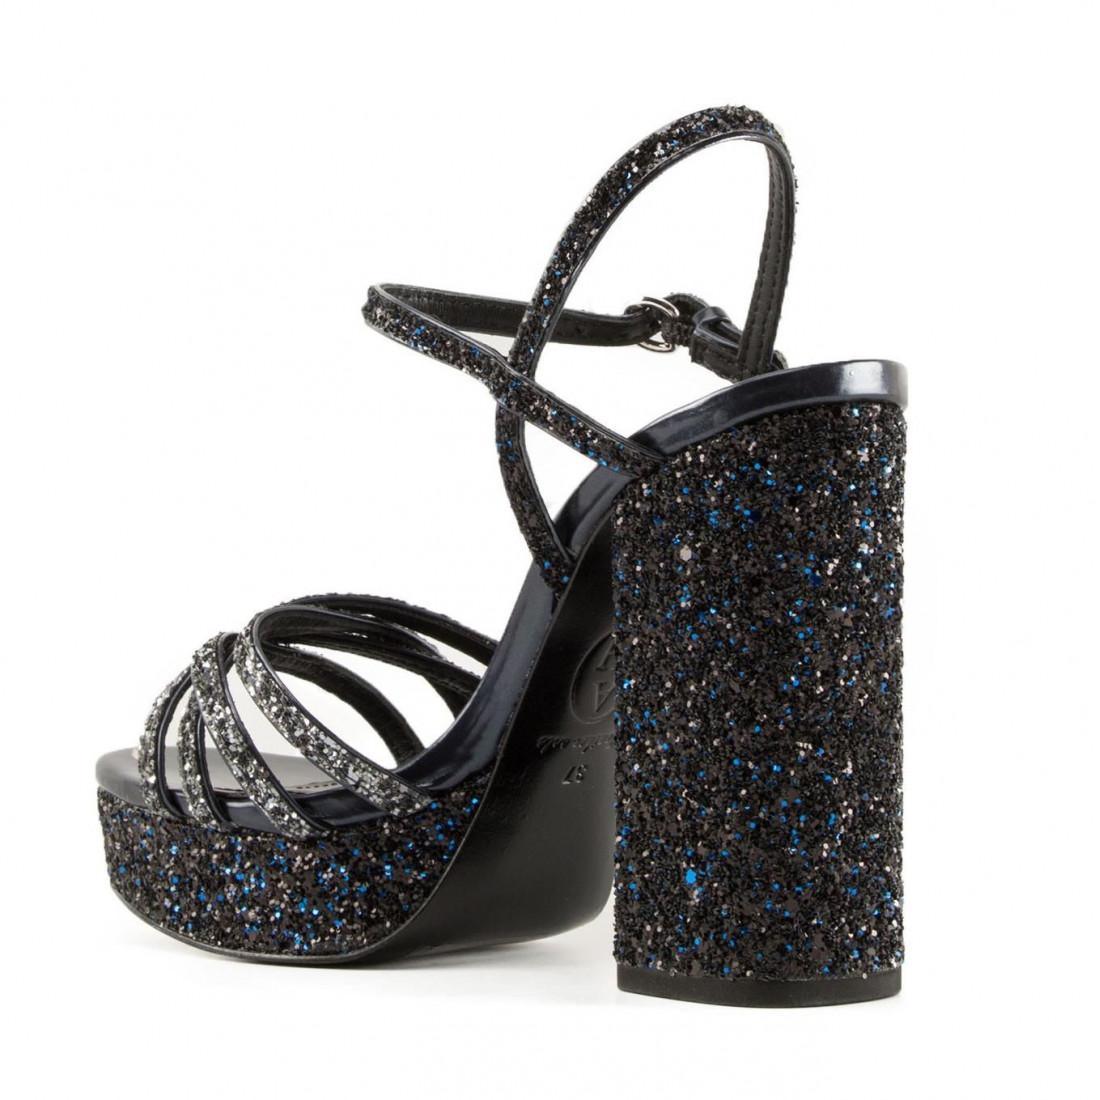 sandals woman ash s18 babette02 2920